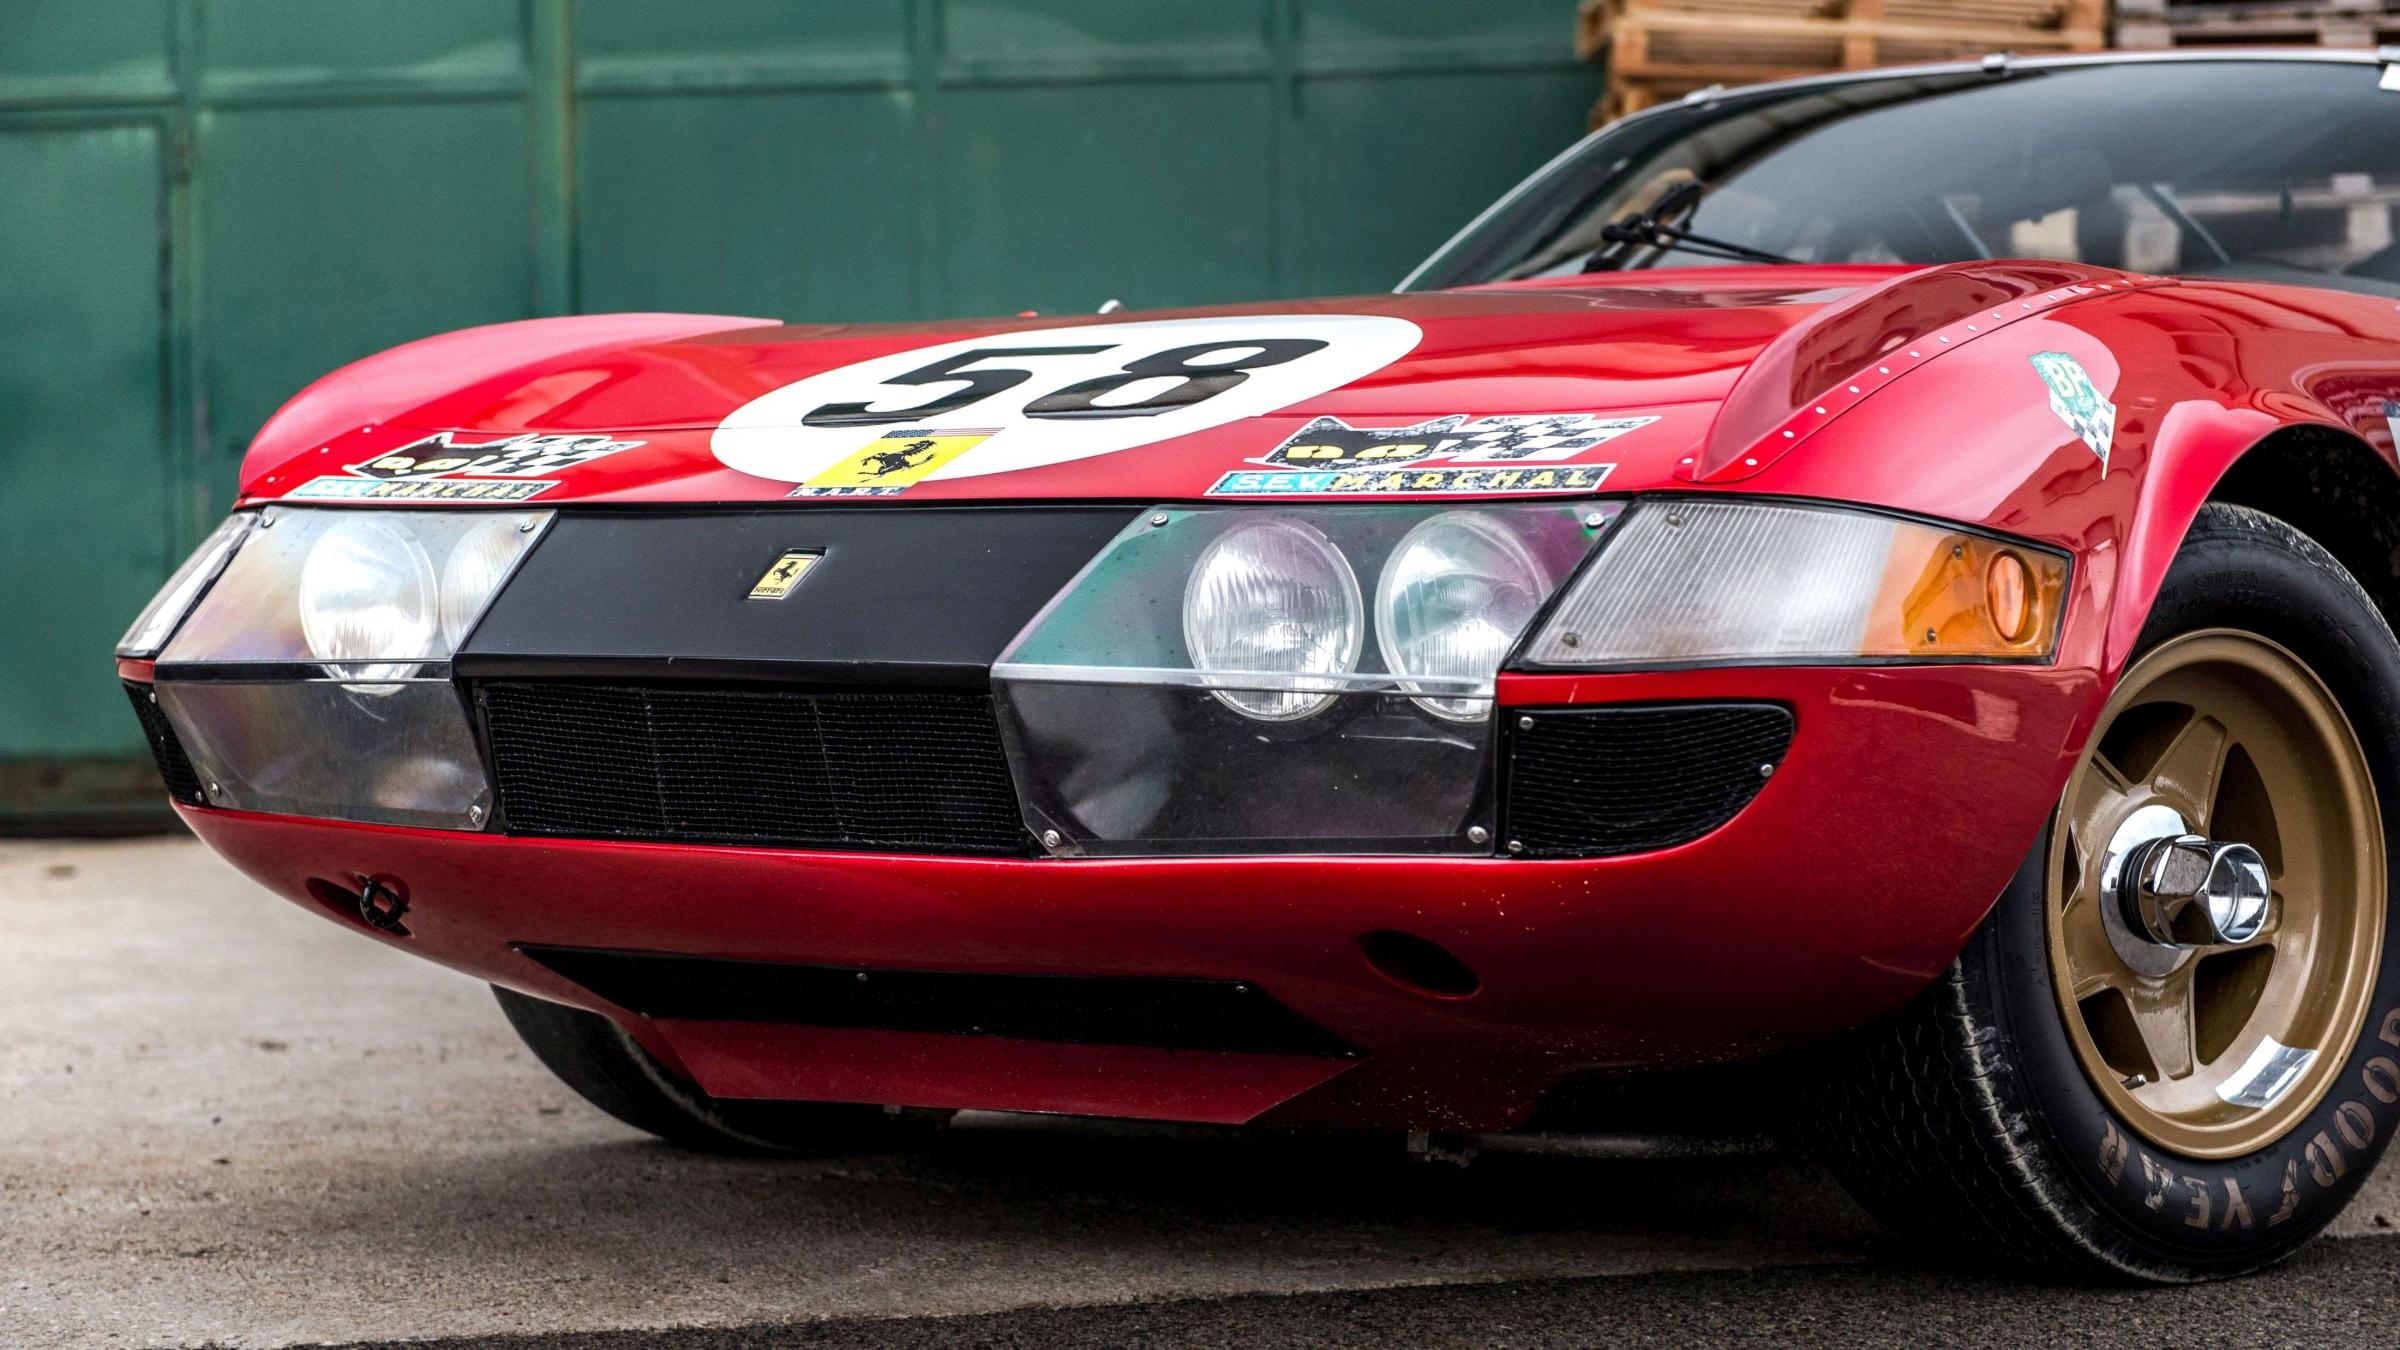 FERRARI 365 GTB4 COMPETIZIONE N.22 1A SERIE 1977 1:24 AUTO BURAGO